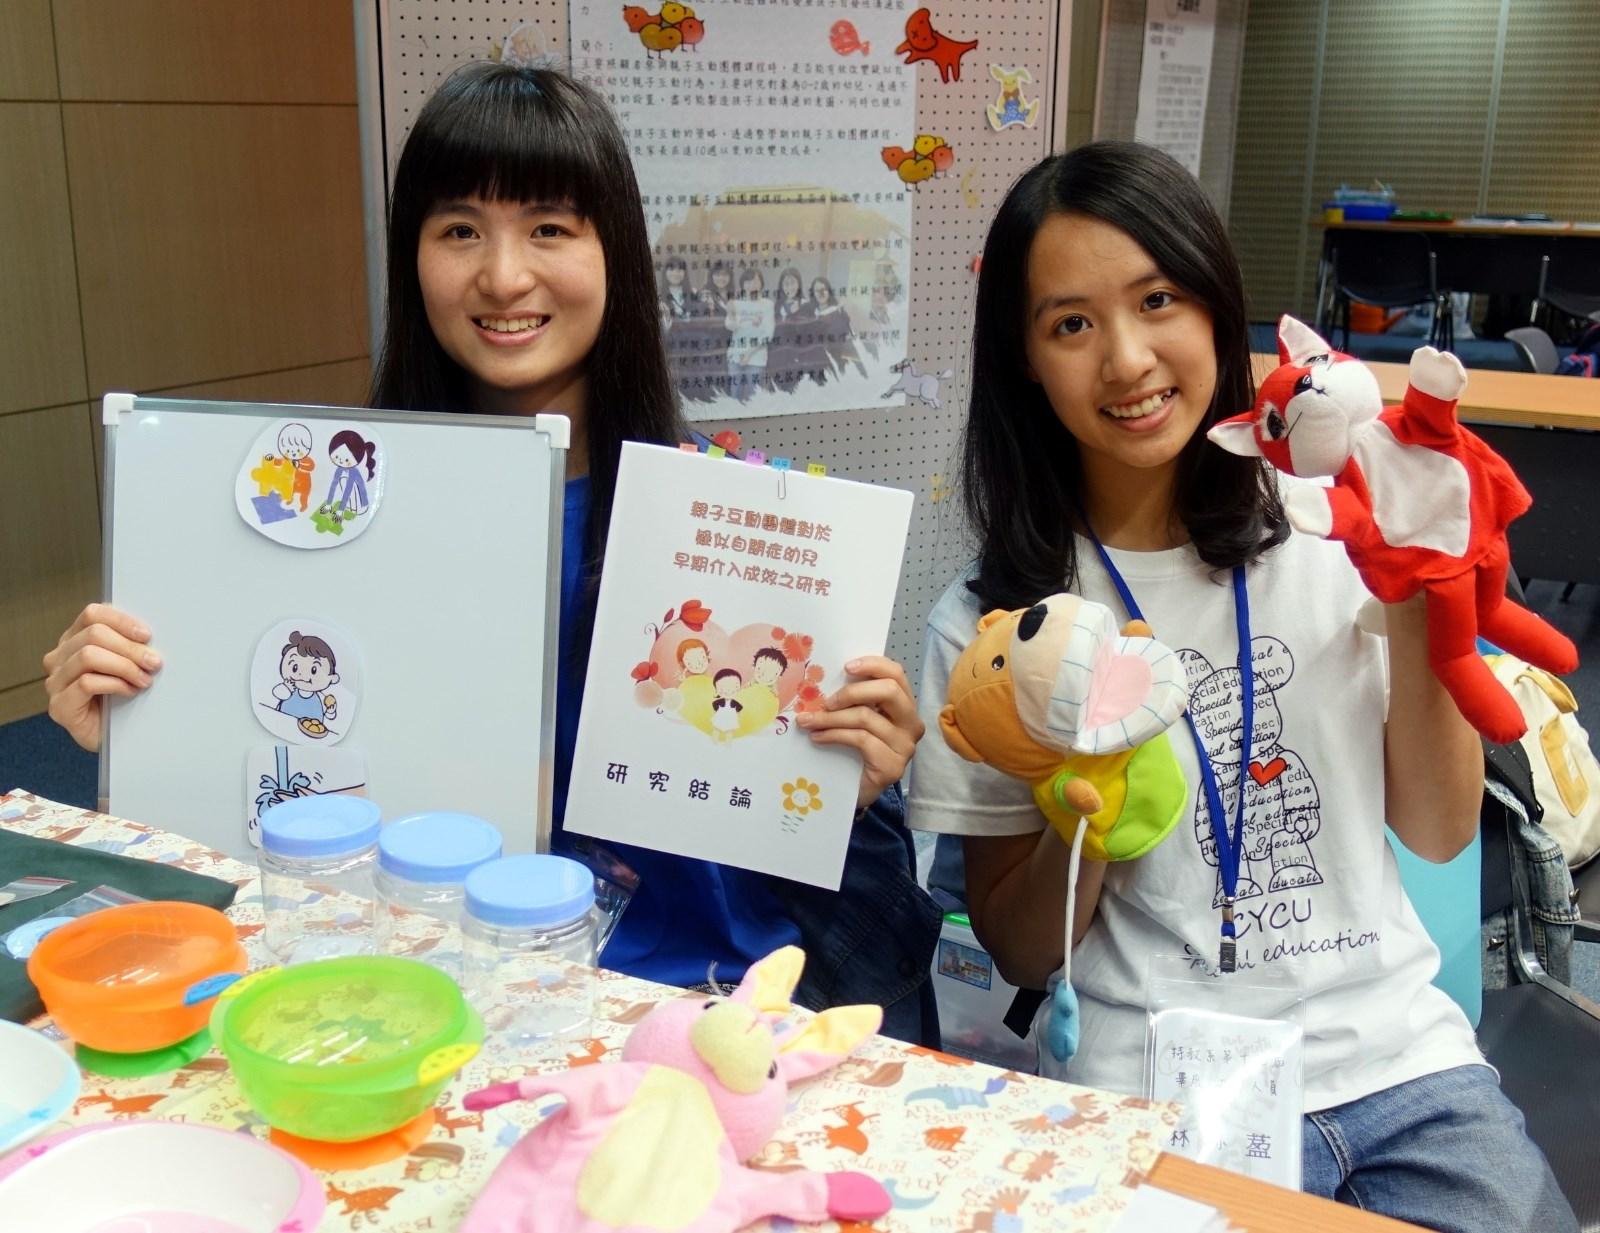 張潔語(左)同學等人設計親子互動團體遊戲,研究其對疑似自閉症幼兒的幫助。.JPG